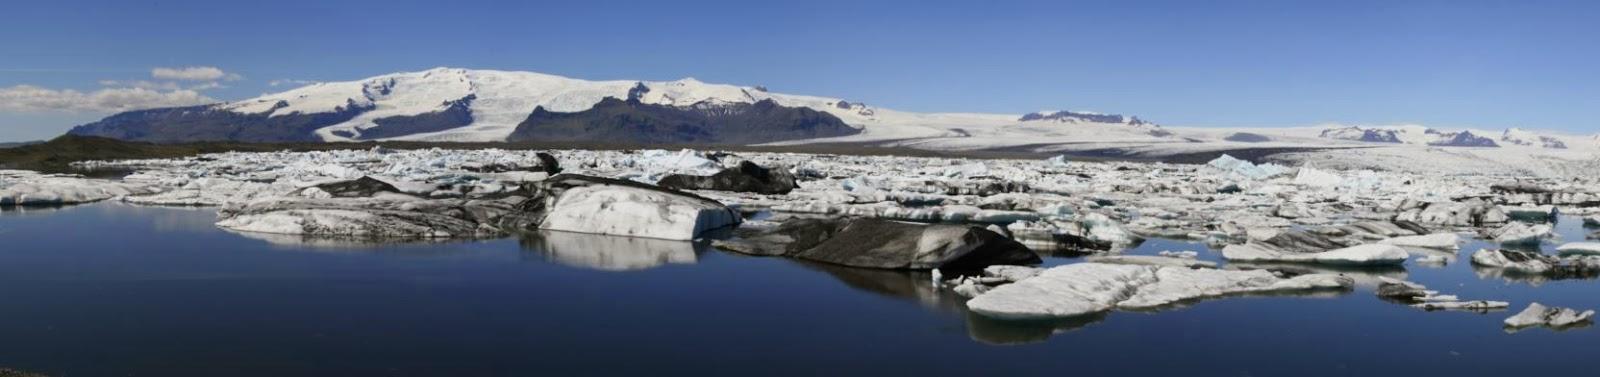 Island. Der Gletschersee Jökulsárlón und Vatnajökull der größte Gletscher Islands.